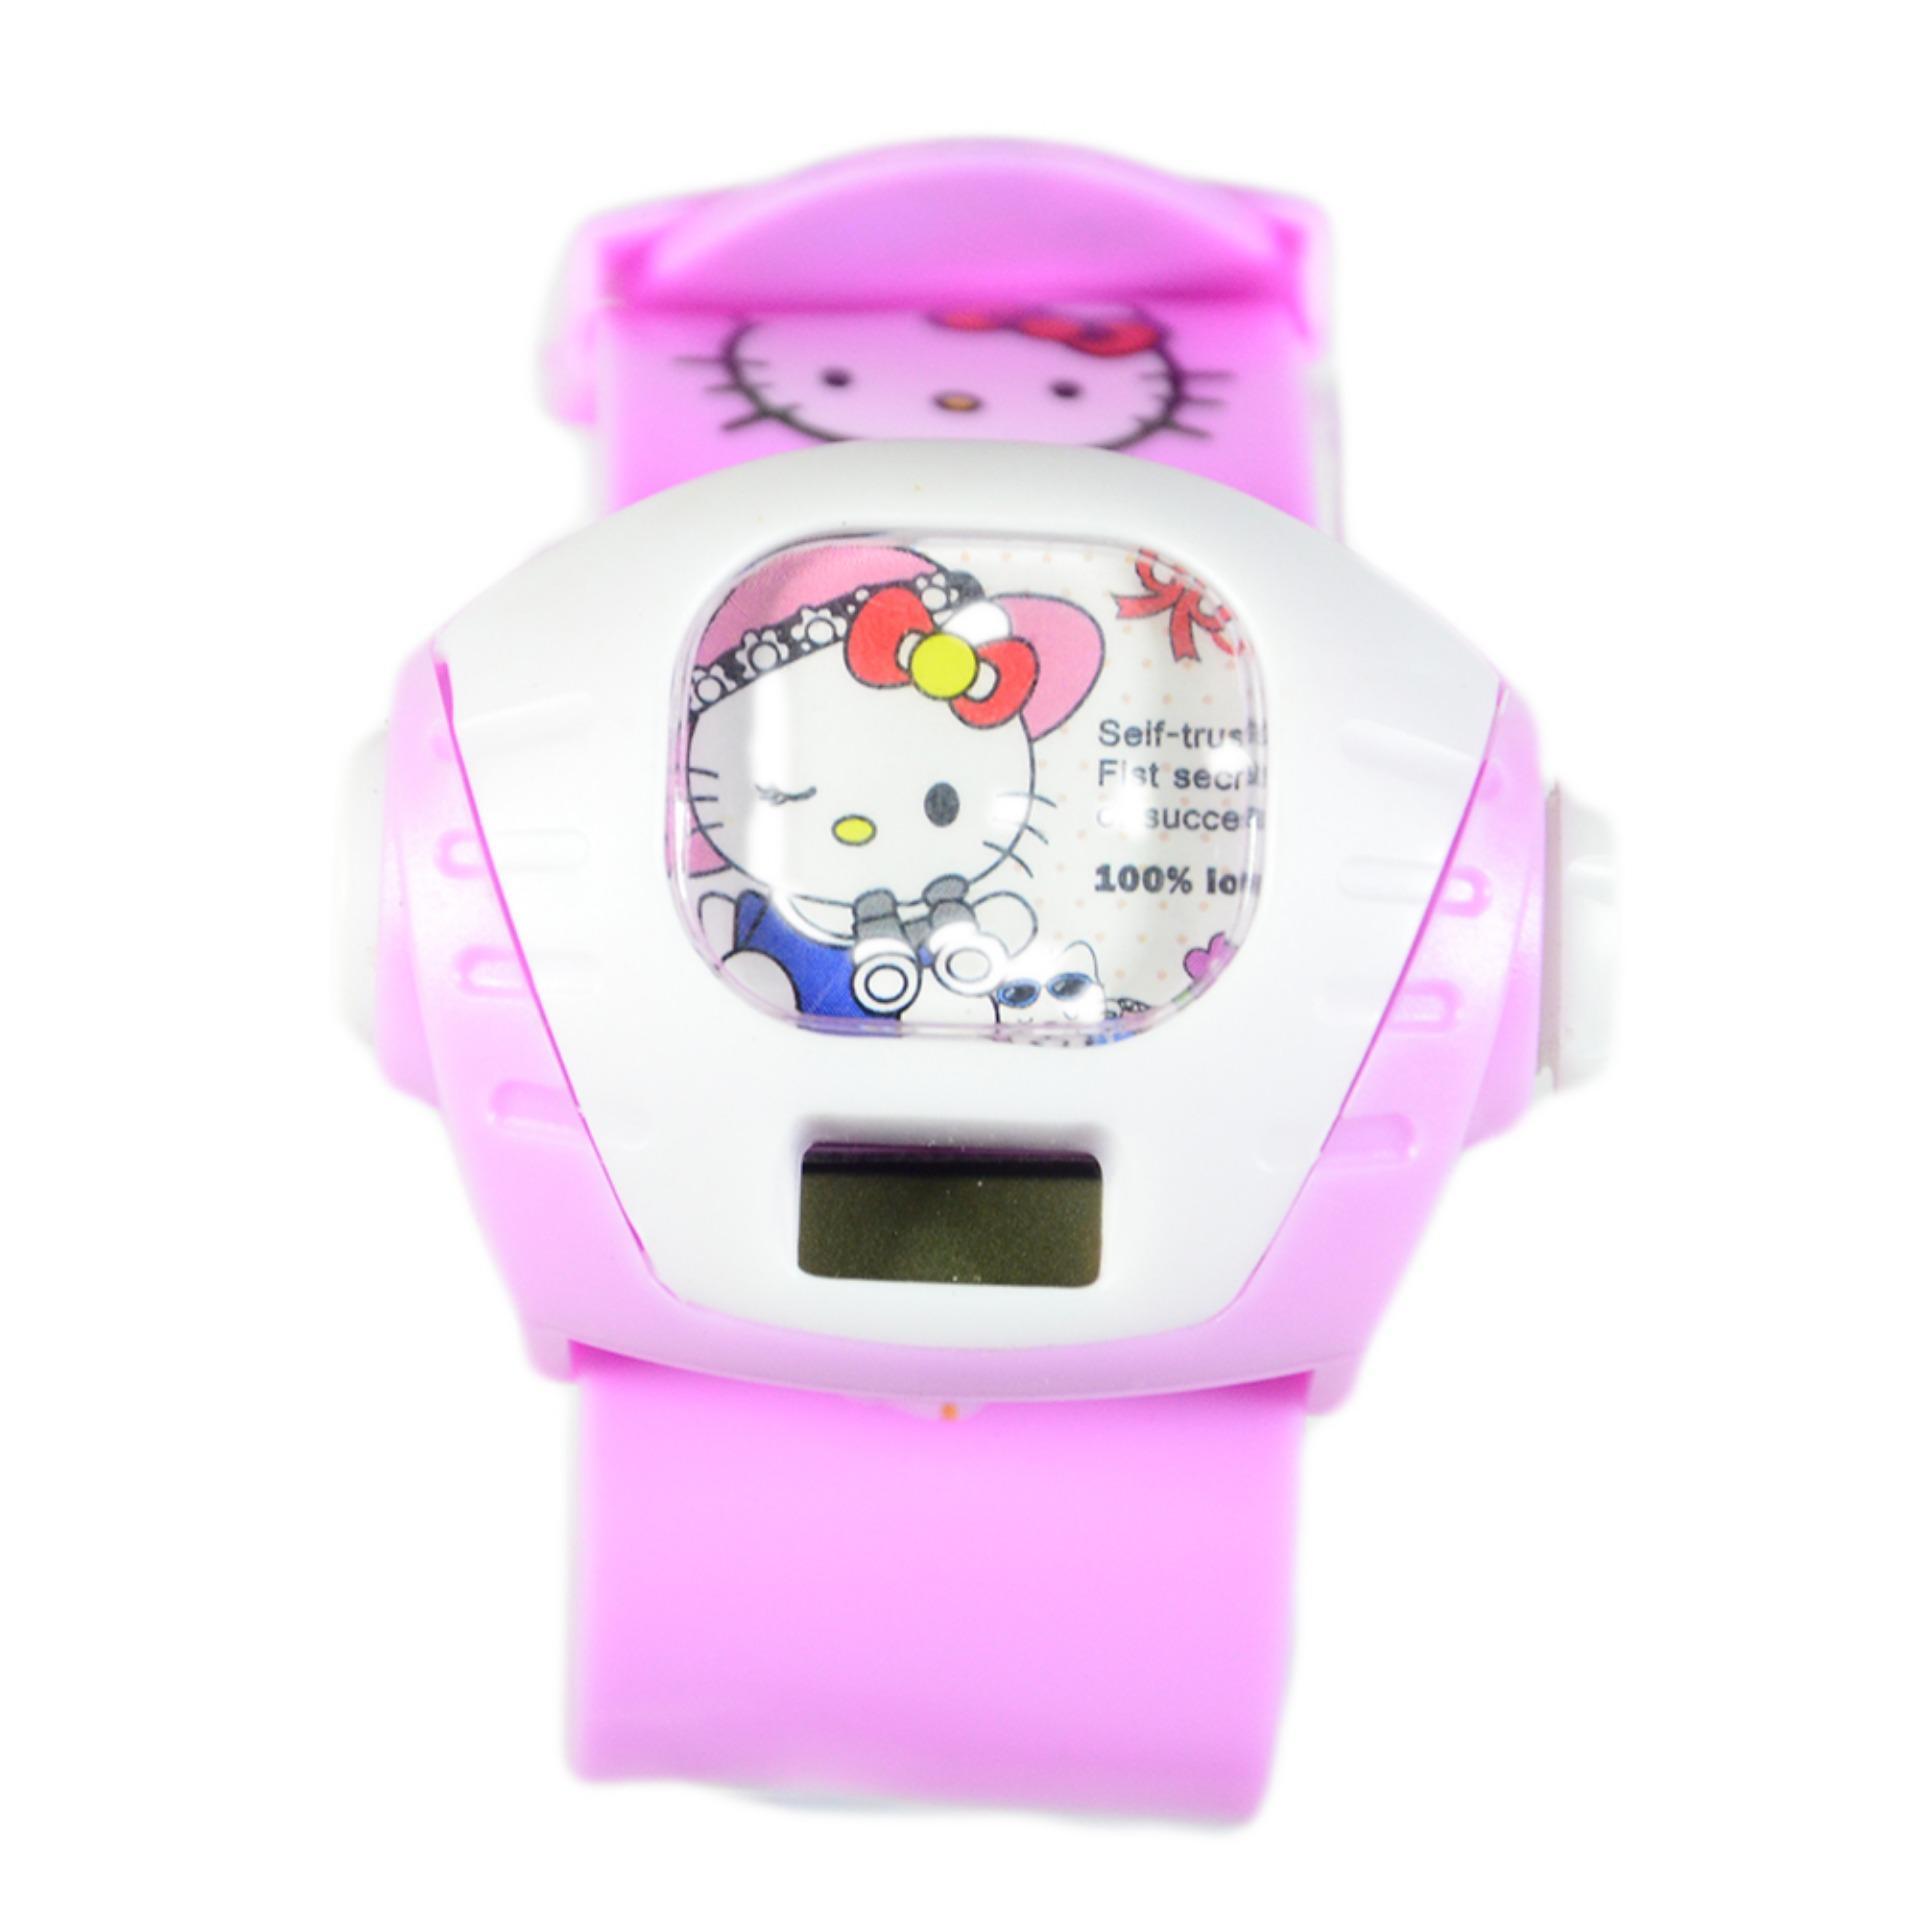 DnB Collection Jam Tangan Anak Proyektor Kotak Hello Kitty - Pink Muda